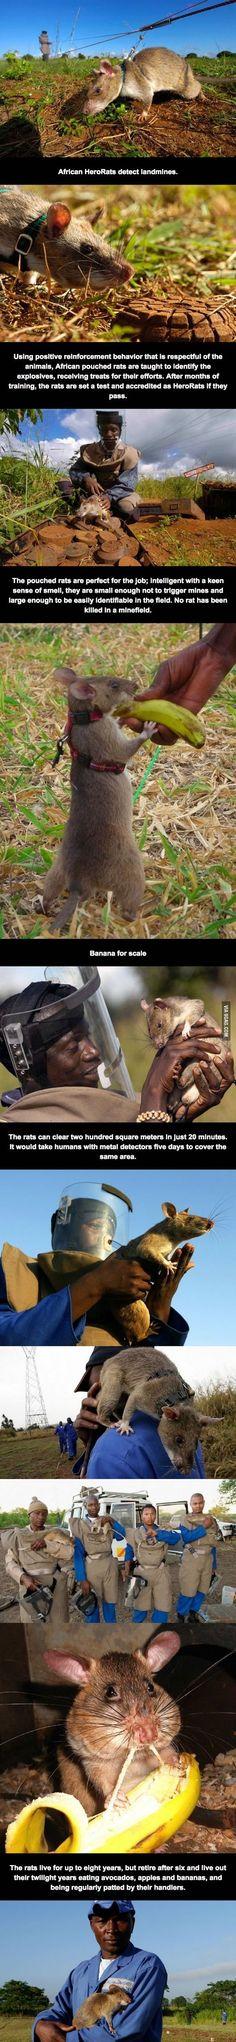 Bueno, tengo fobia a las ratas, pero esto no está bien. Se han construído cantidad de objetos que podrían detectar cualquier cosa, pero claro cuestan dinero, es más económico coger a un pobre animal, que si muere no le importa a nadie. Le Llaman cínicamente héroe.